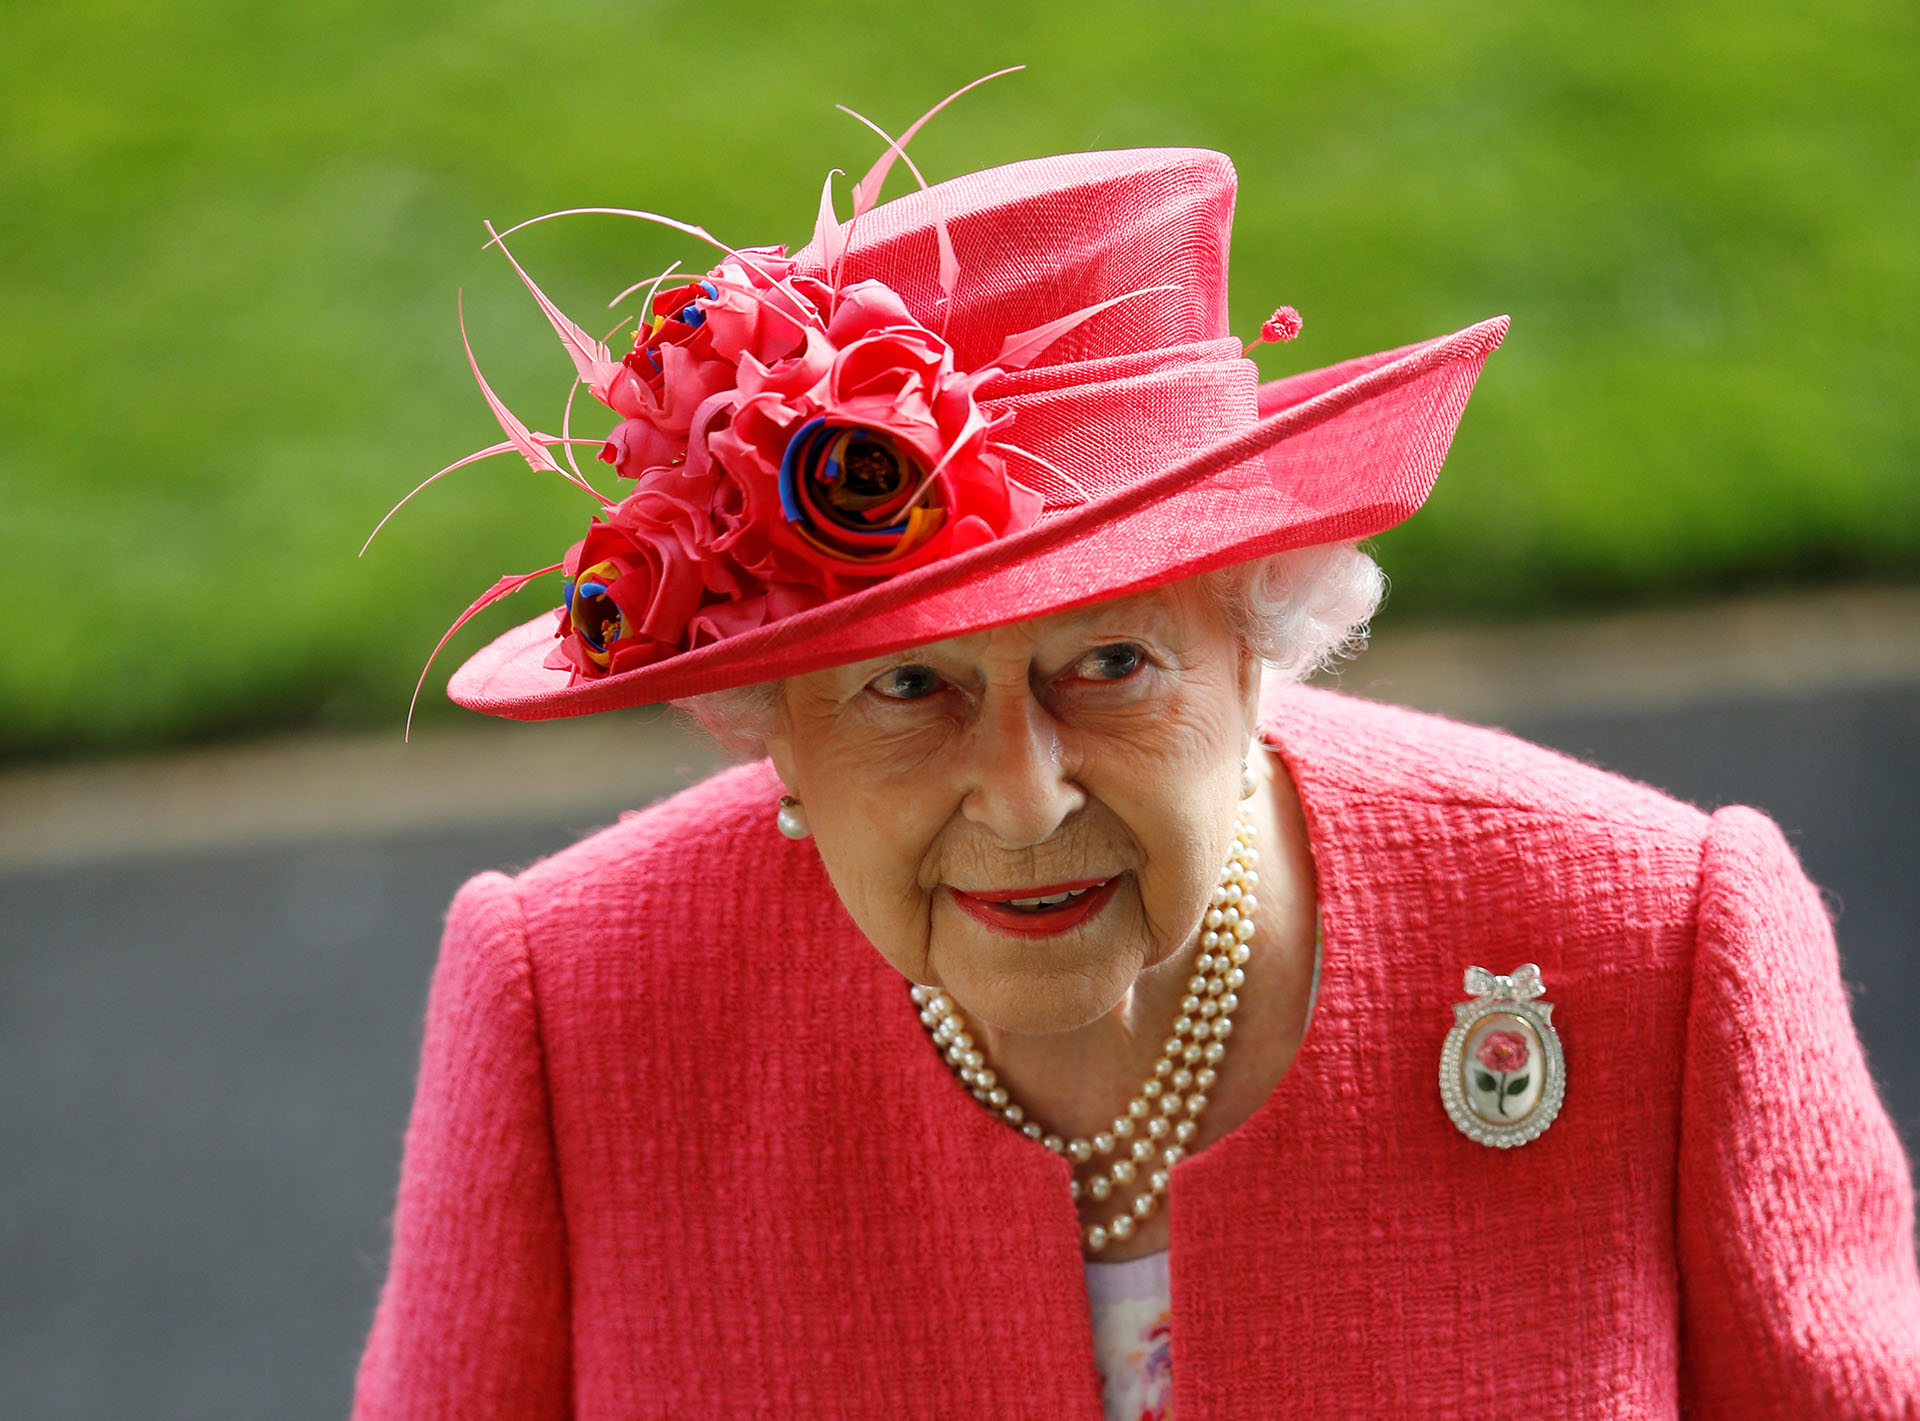 El detalle del broche en el tapado, con una flor haciendo juego con su ropa, y su infaltable collar de perlas de tres vueltas, en conjunto con sus aros